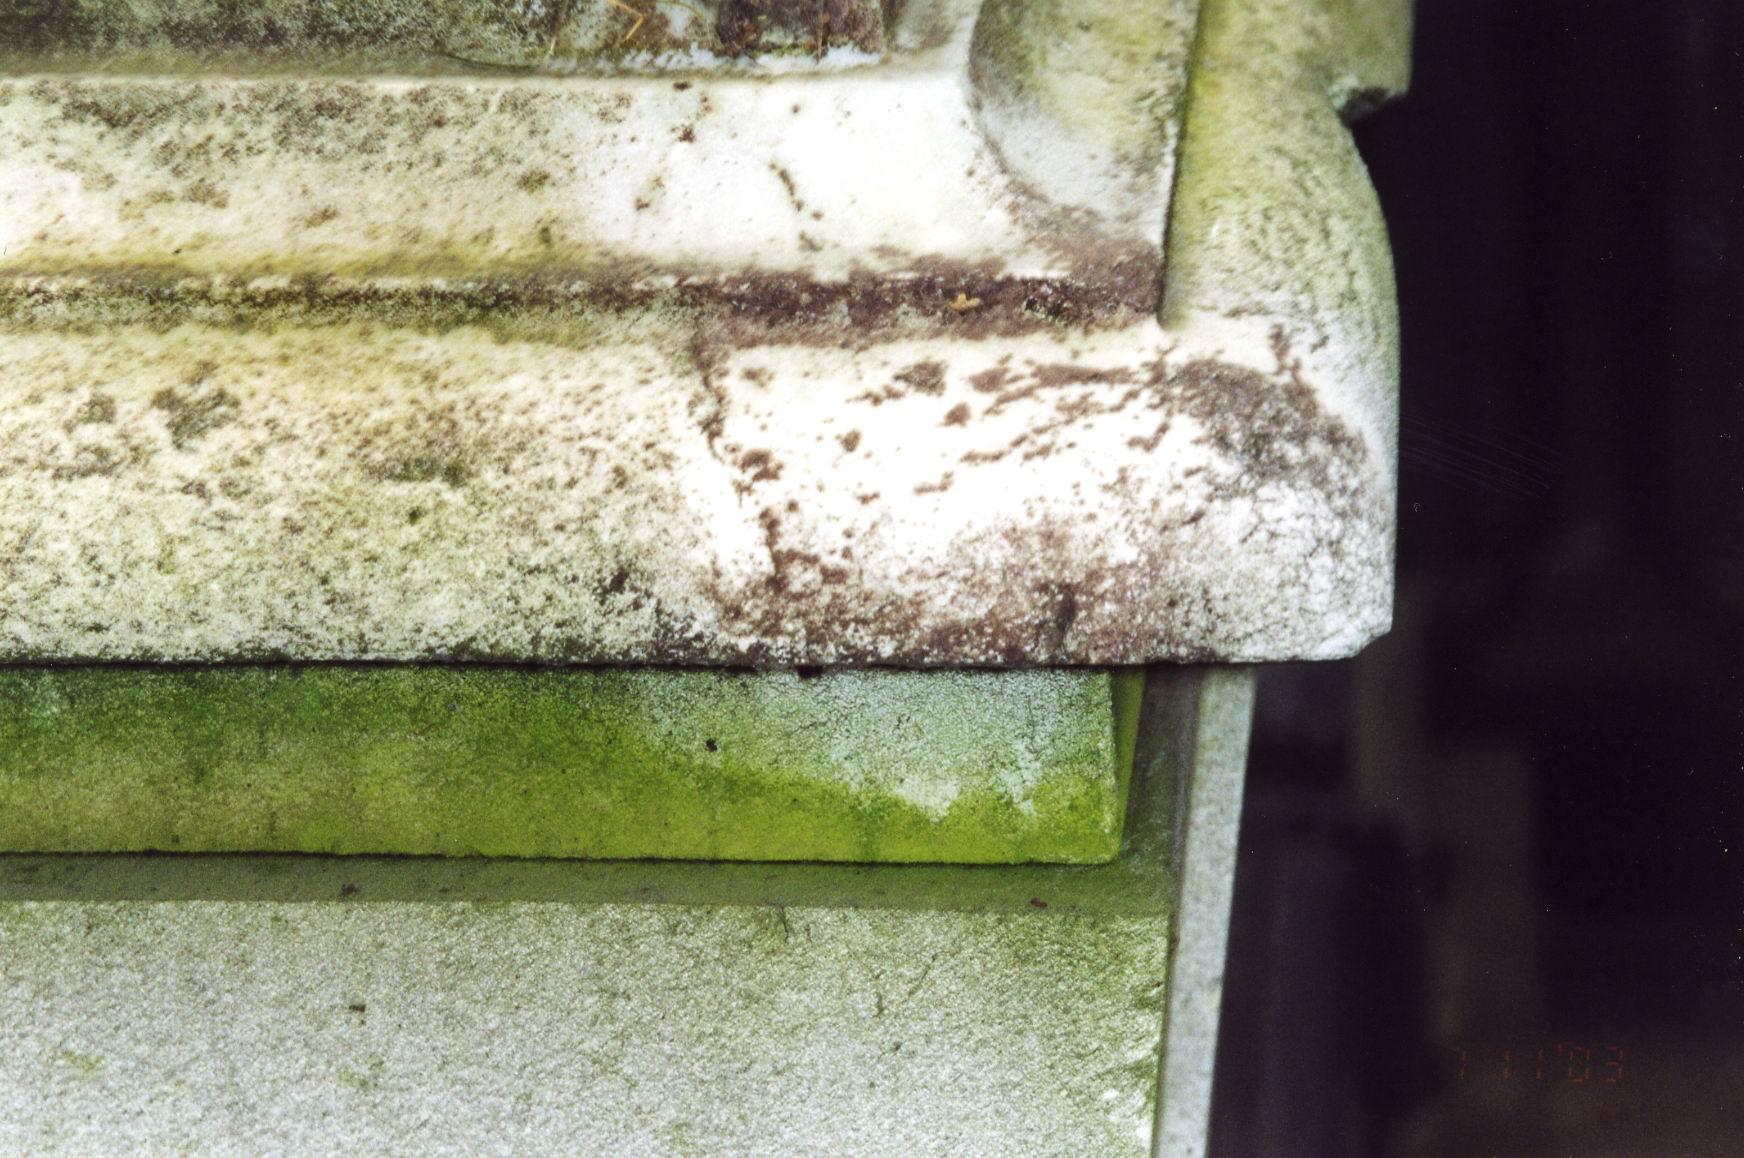 Фрагмент крышки саркофага. Северная сторона. Видно сильно проявленное отшелушивание, налет из атмосферных грязевых отложений и налетов биологического происхождения. Фото ноября 2003 г.